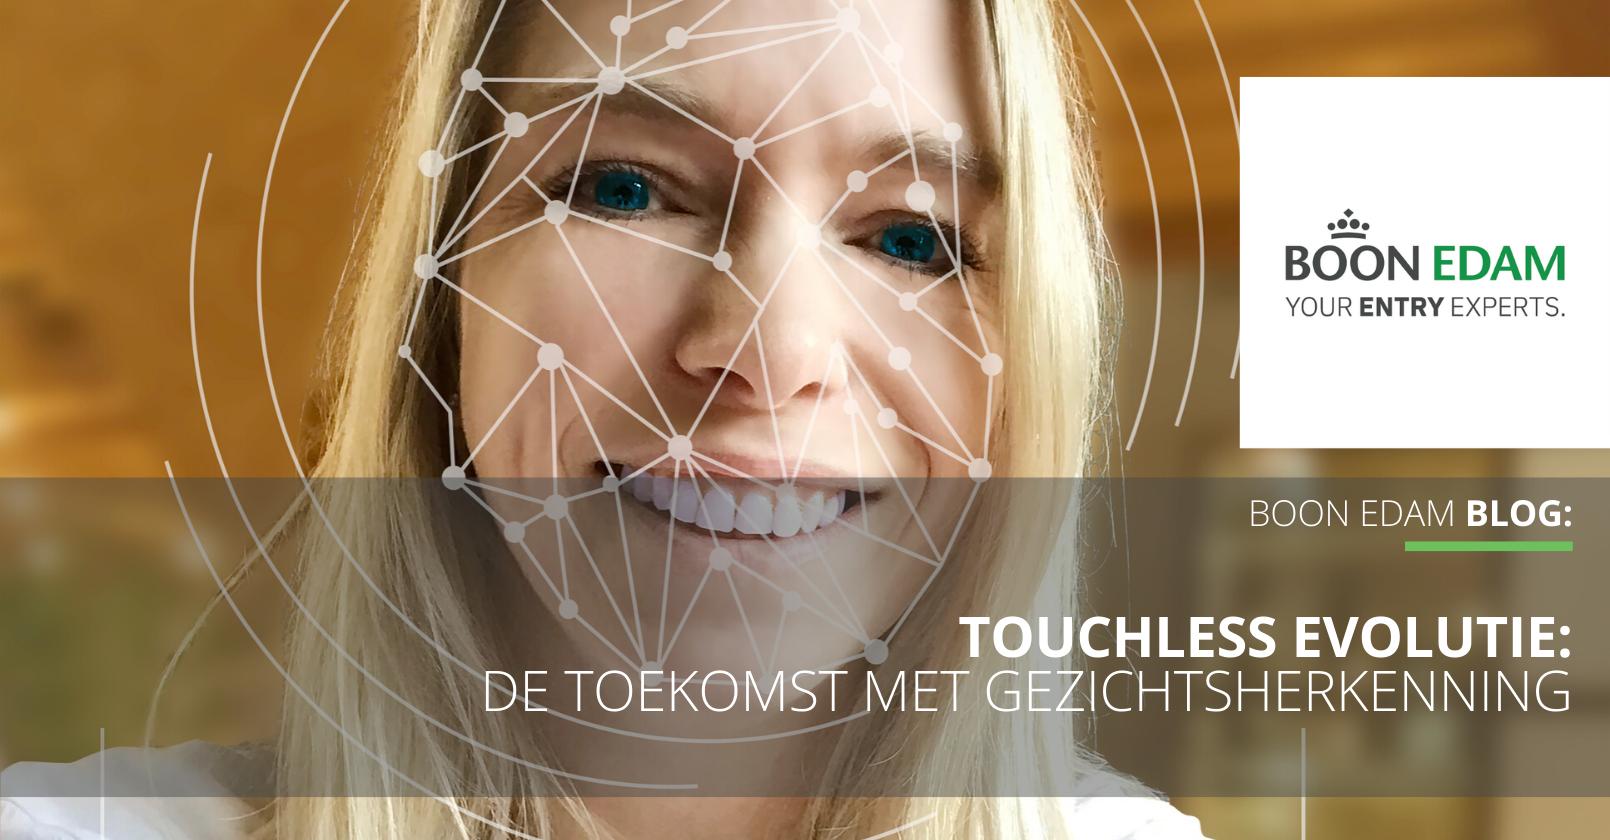 De evolutie naar touchless, de toekomst met gezichtsherkenning | Boon Edam